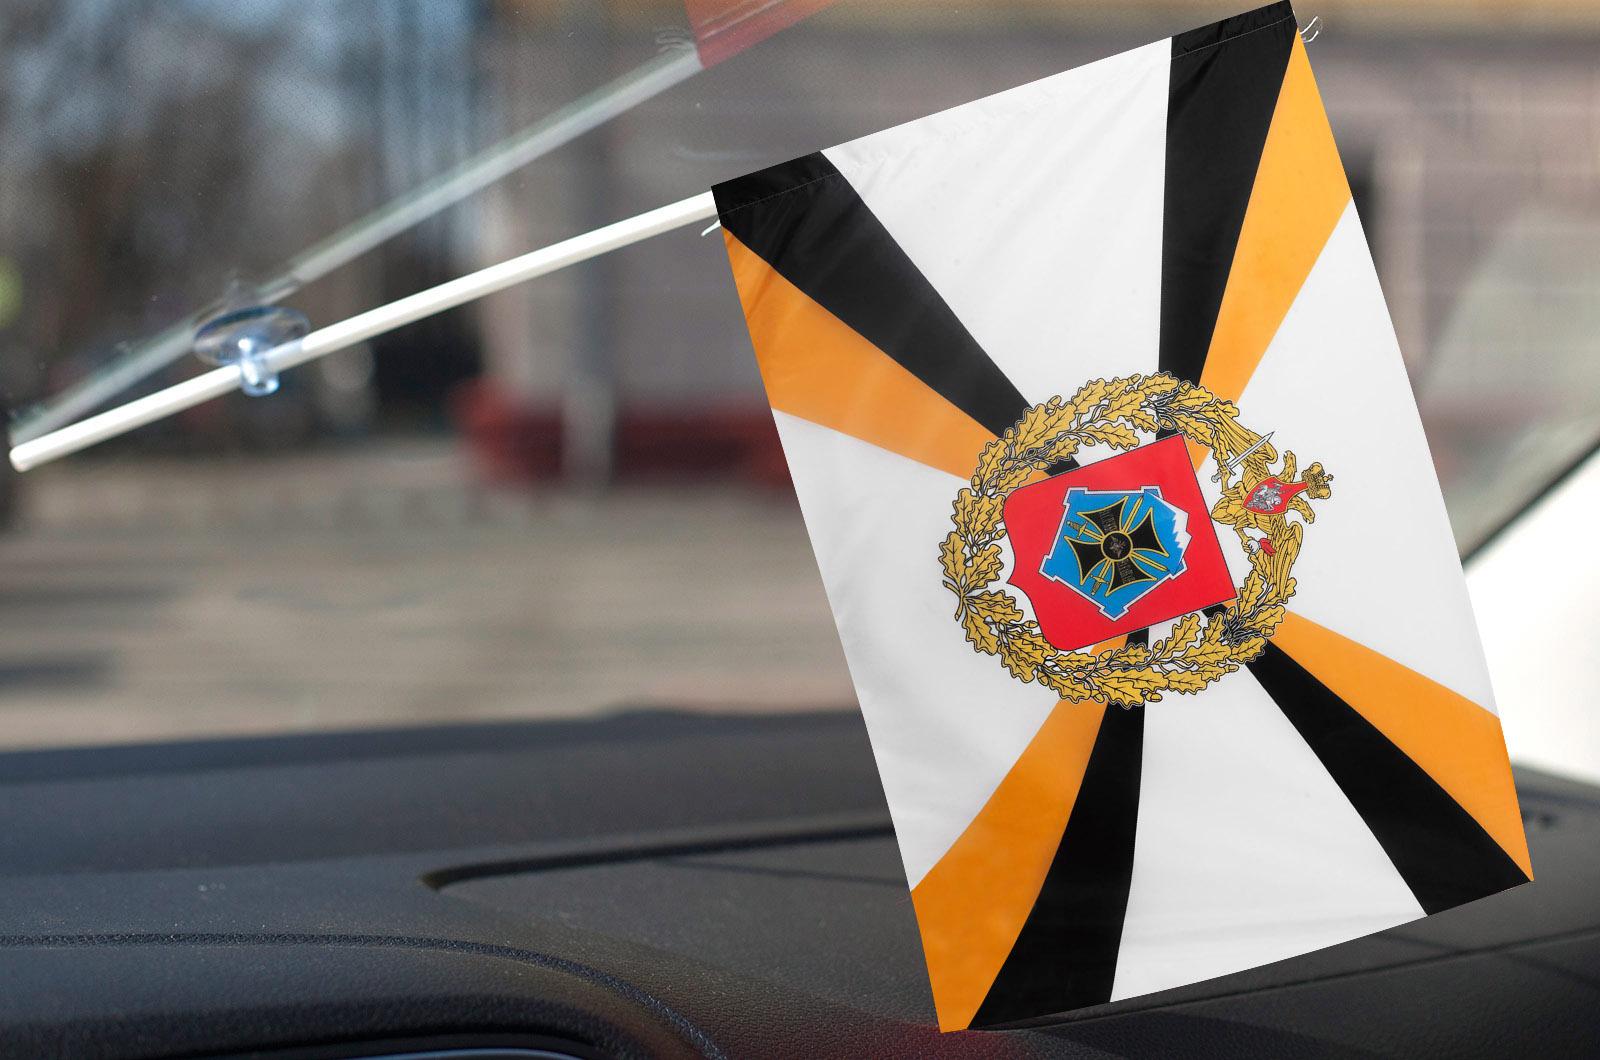 Флажок Северо-Кавказского военного округа в машину